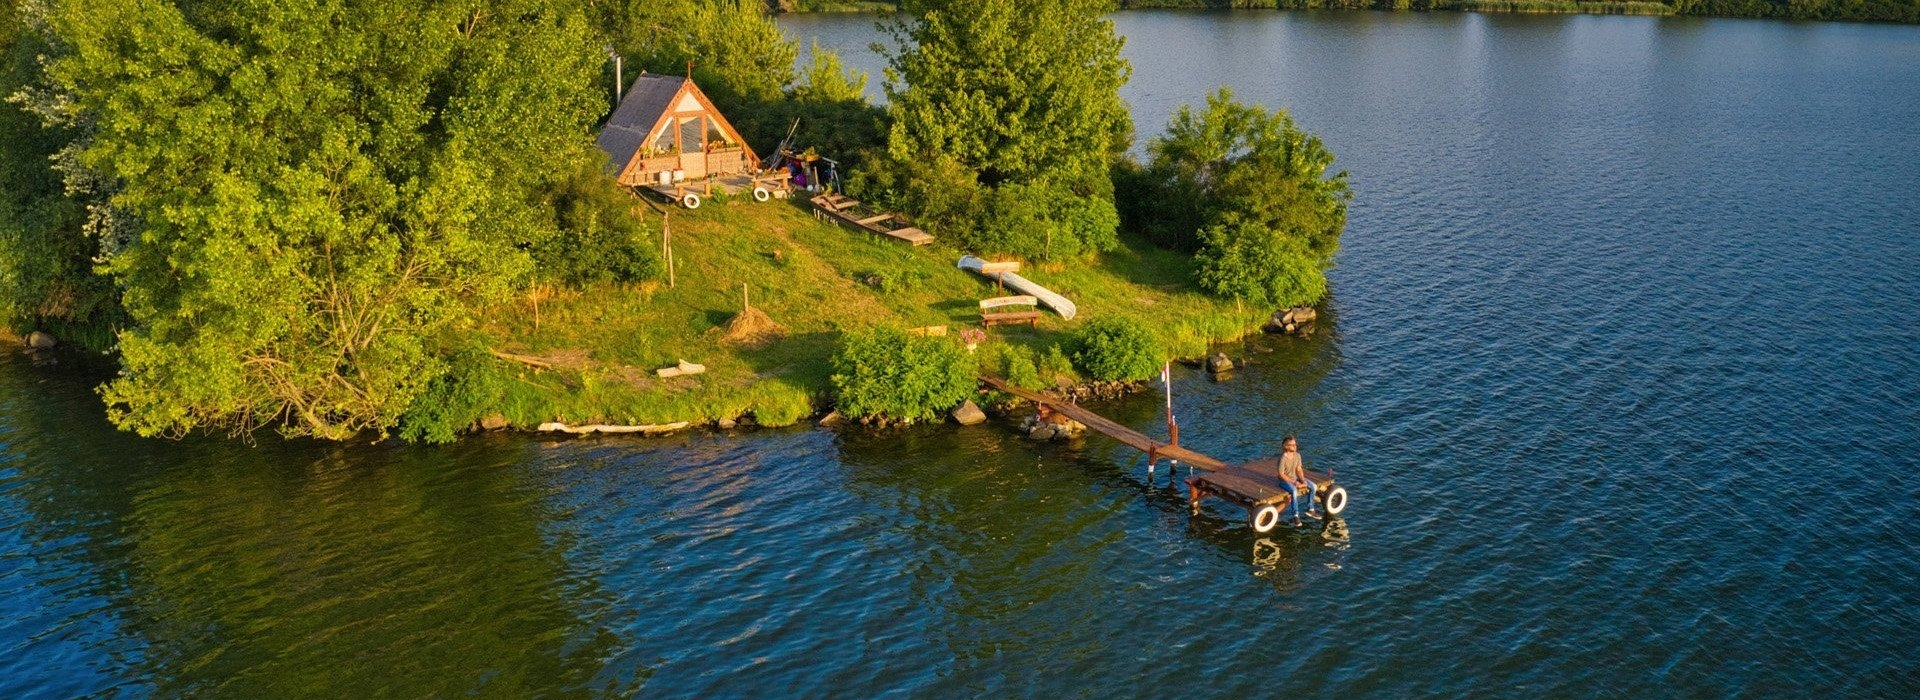 Feltöltötték a Tisza-tavat